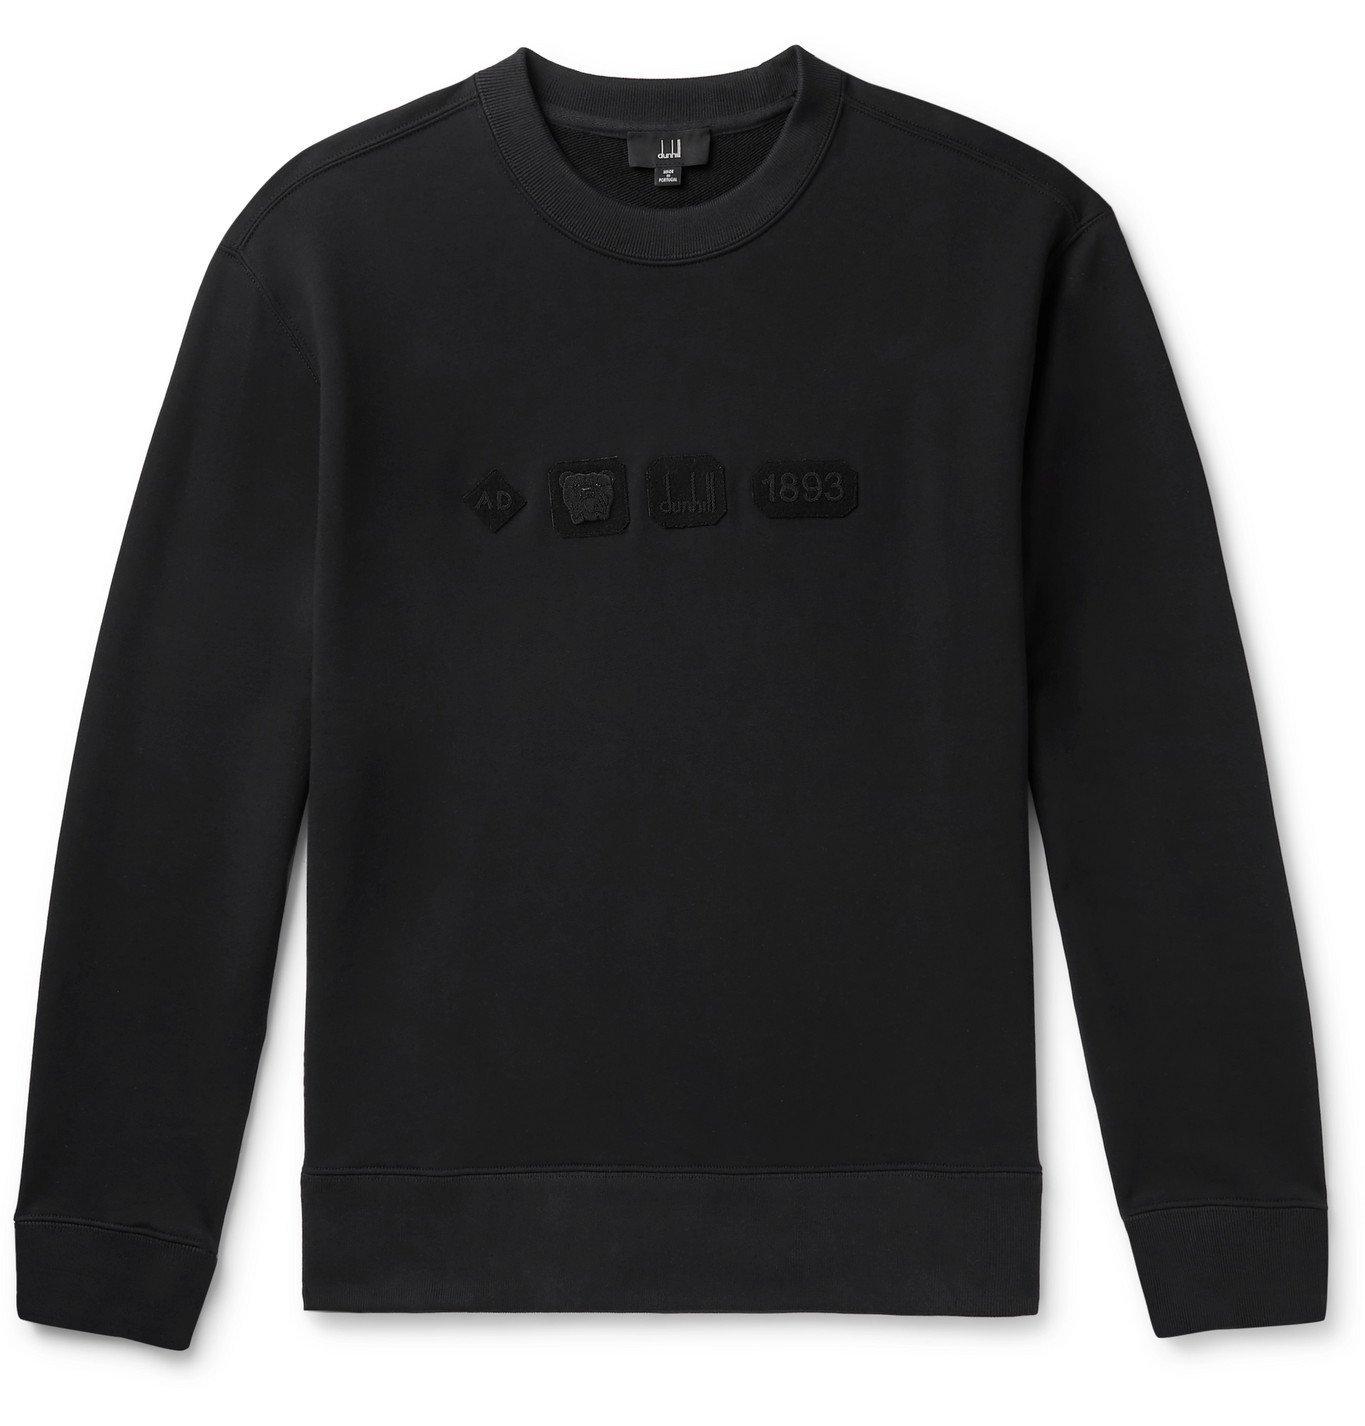 Dunhill - Hallmark Appliquéd Loopback Cotton-Jersey Sweatshirt - Black